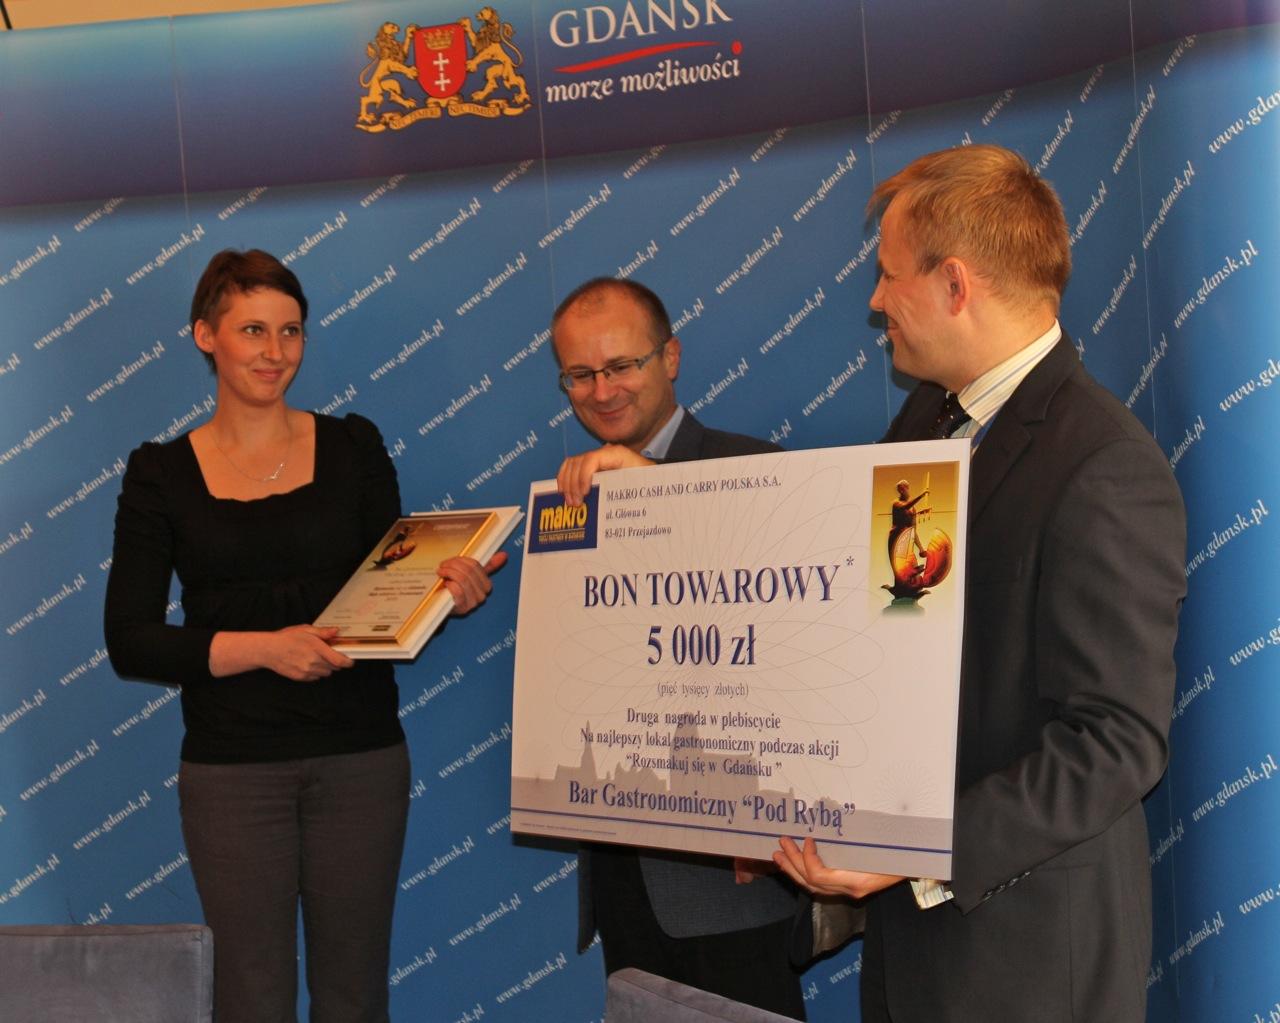 Gdańsk - Weekend za pół ceny